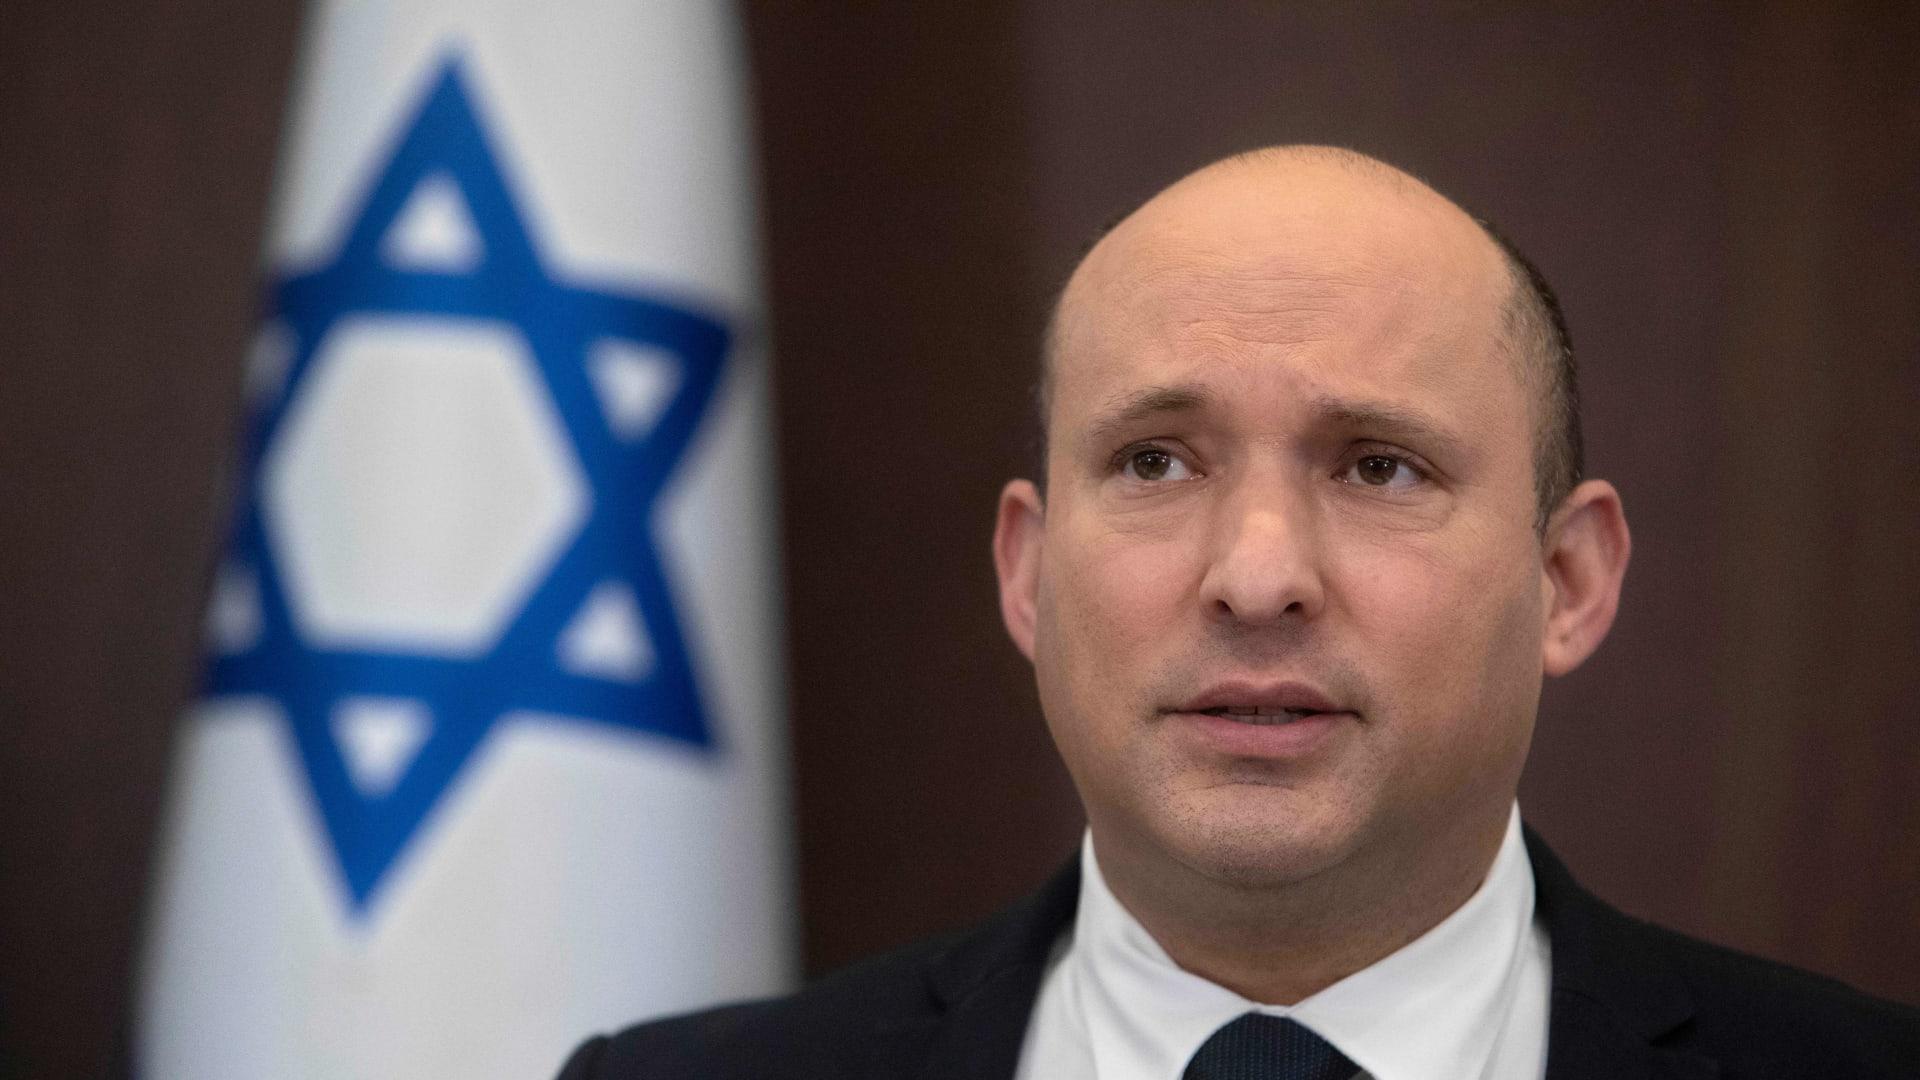 رئيس الوزراء الإسرائيلي: آمل أن يتخلص اللبنانيون والعراقيون من قبضة الحرس الثوري